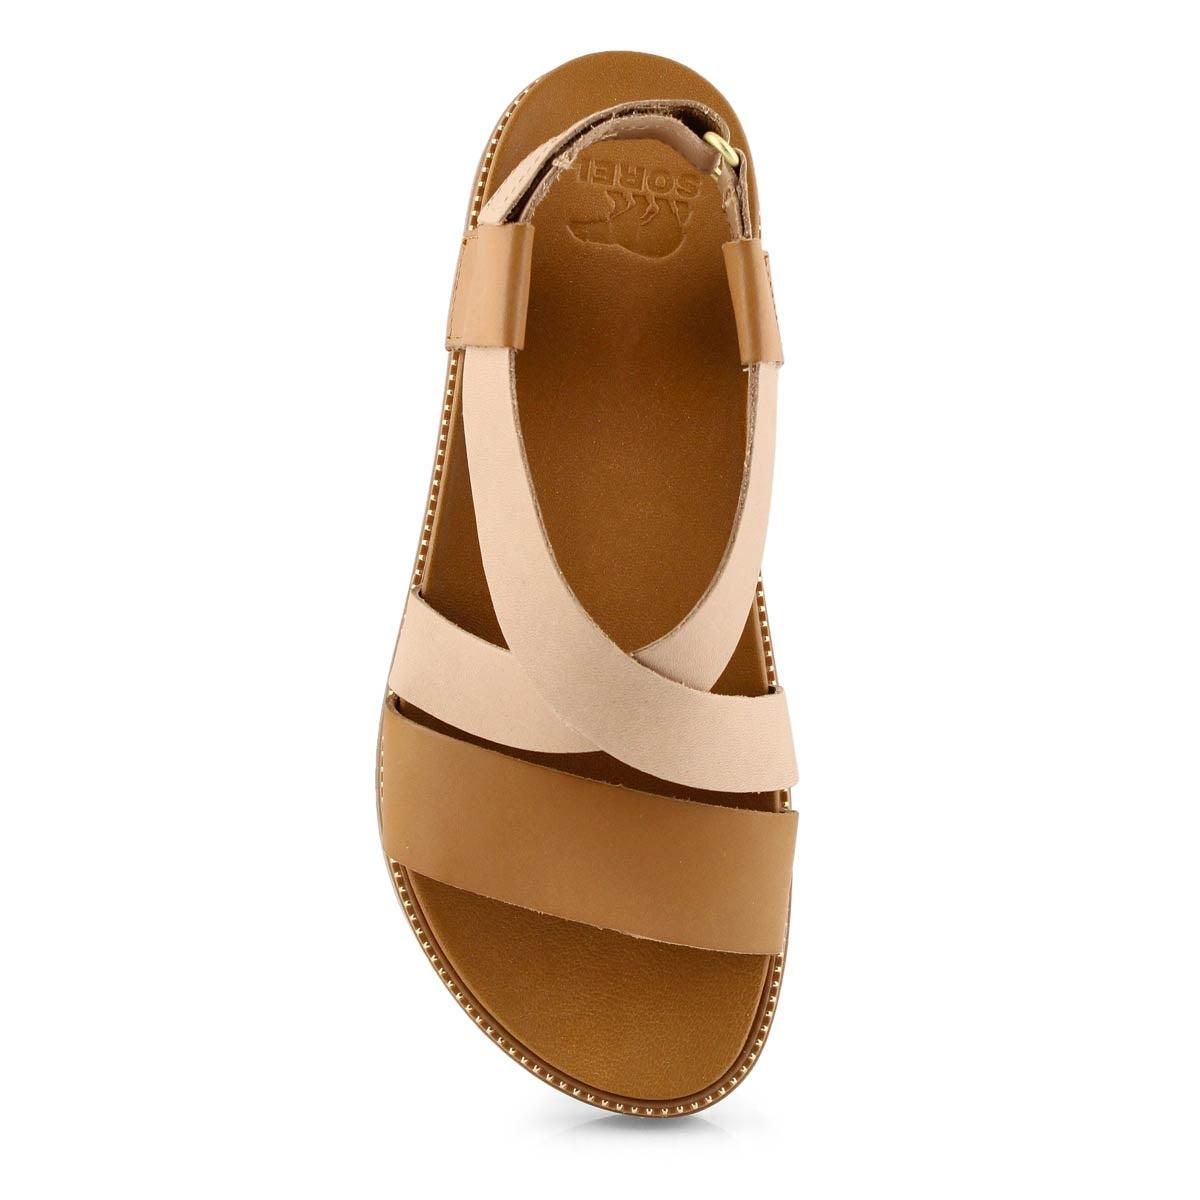 Lds Roaming Criss-Cross brn sandal